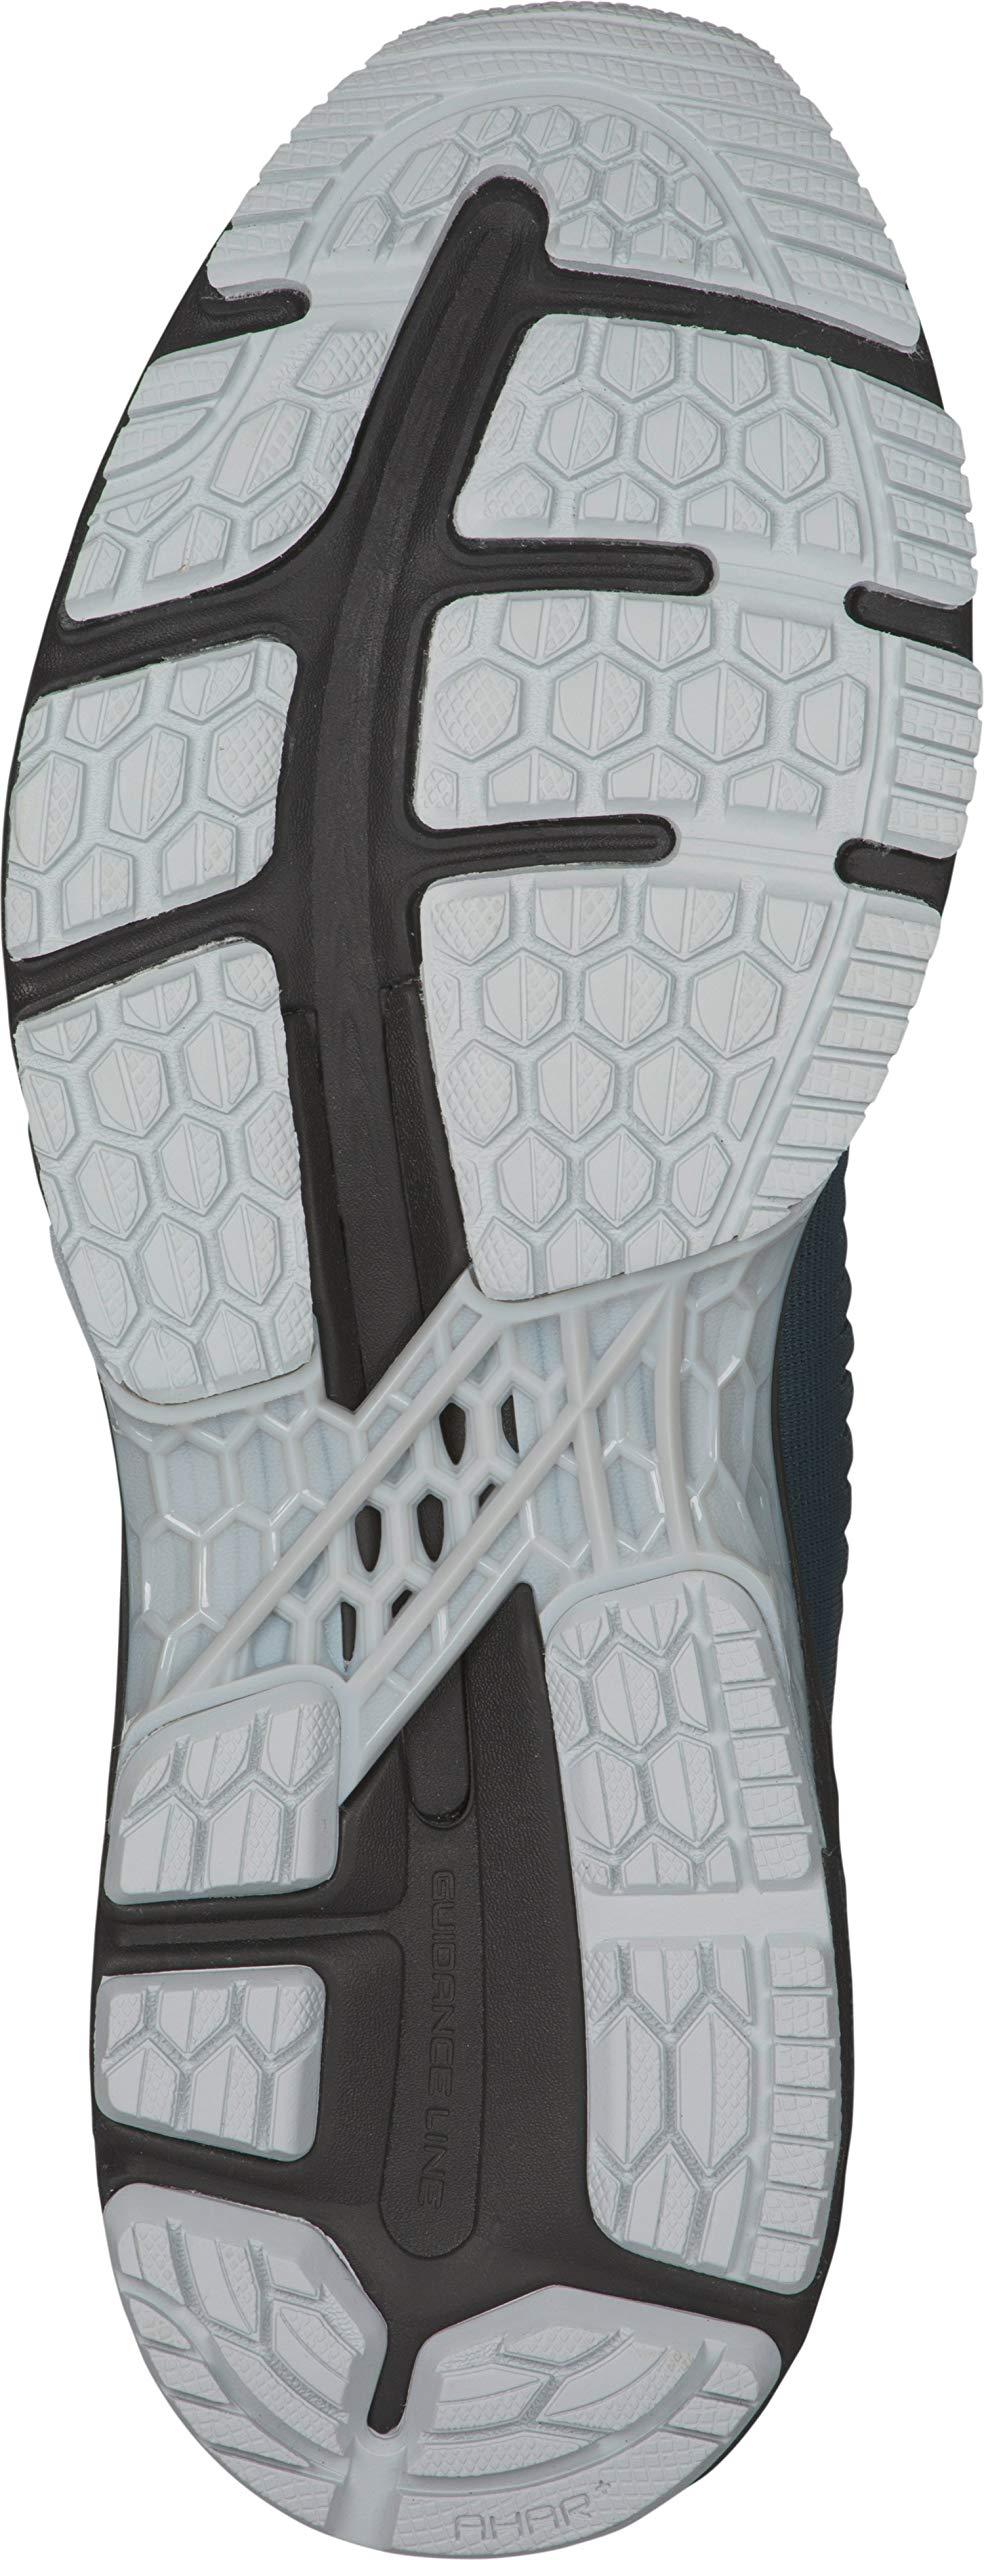 ASICS Men's Gel-Kayano 25 Running Shoe, Iron Clad/Black, 7 D(M) US by ASICS (Image #5)